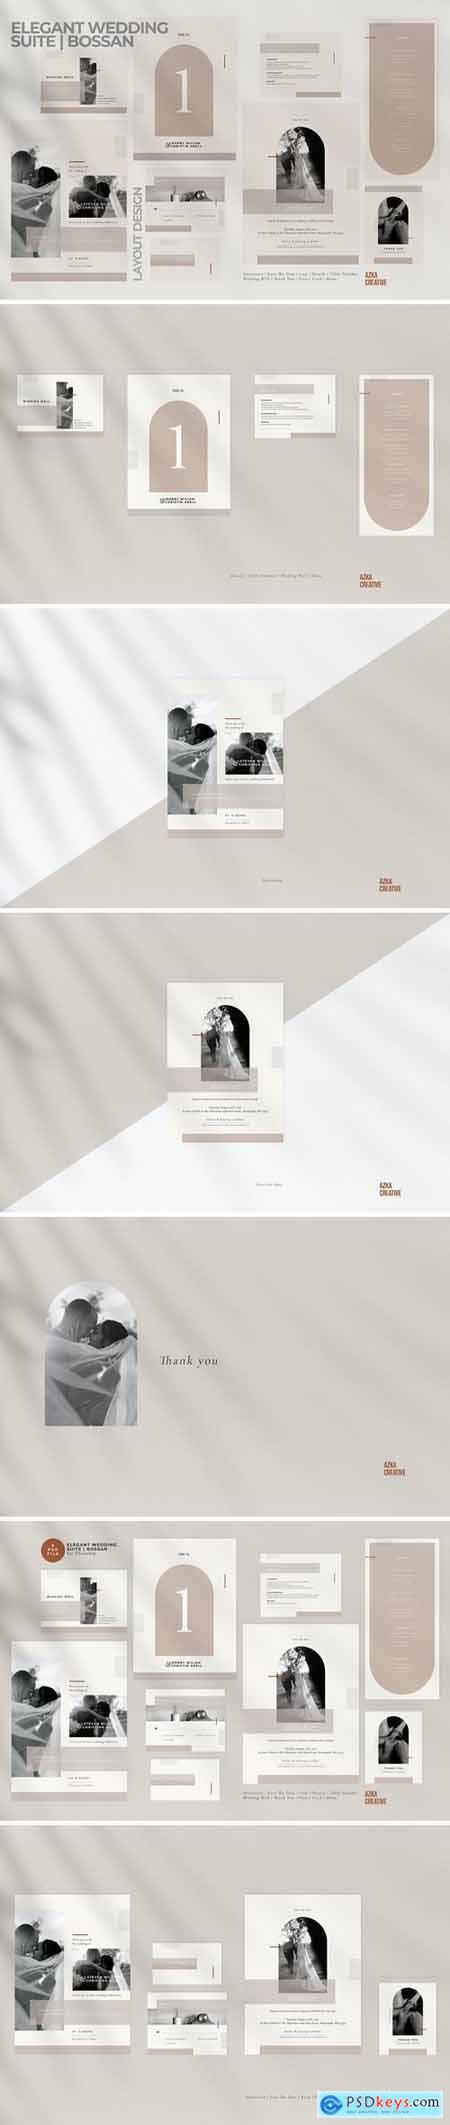 Elegant Wedding Suite - Bossan